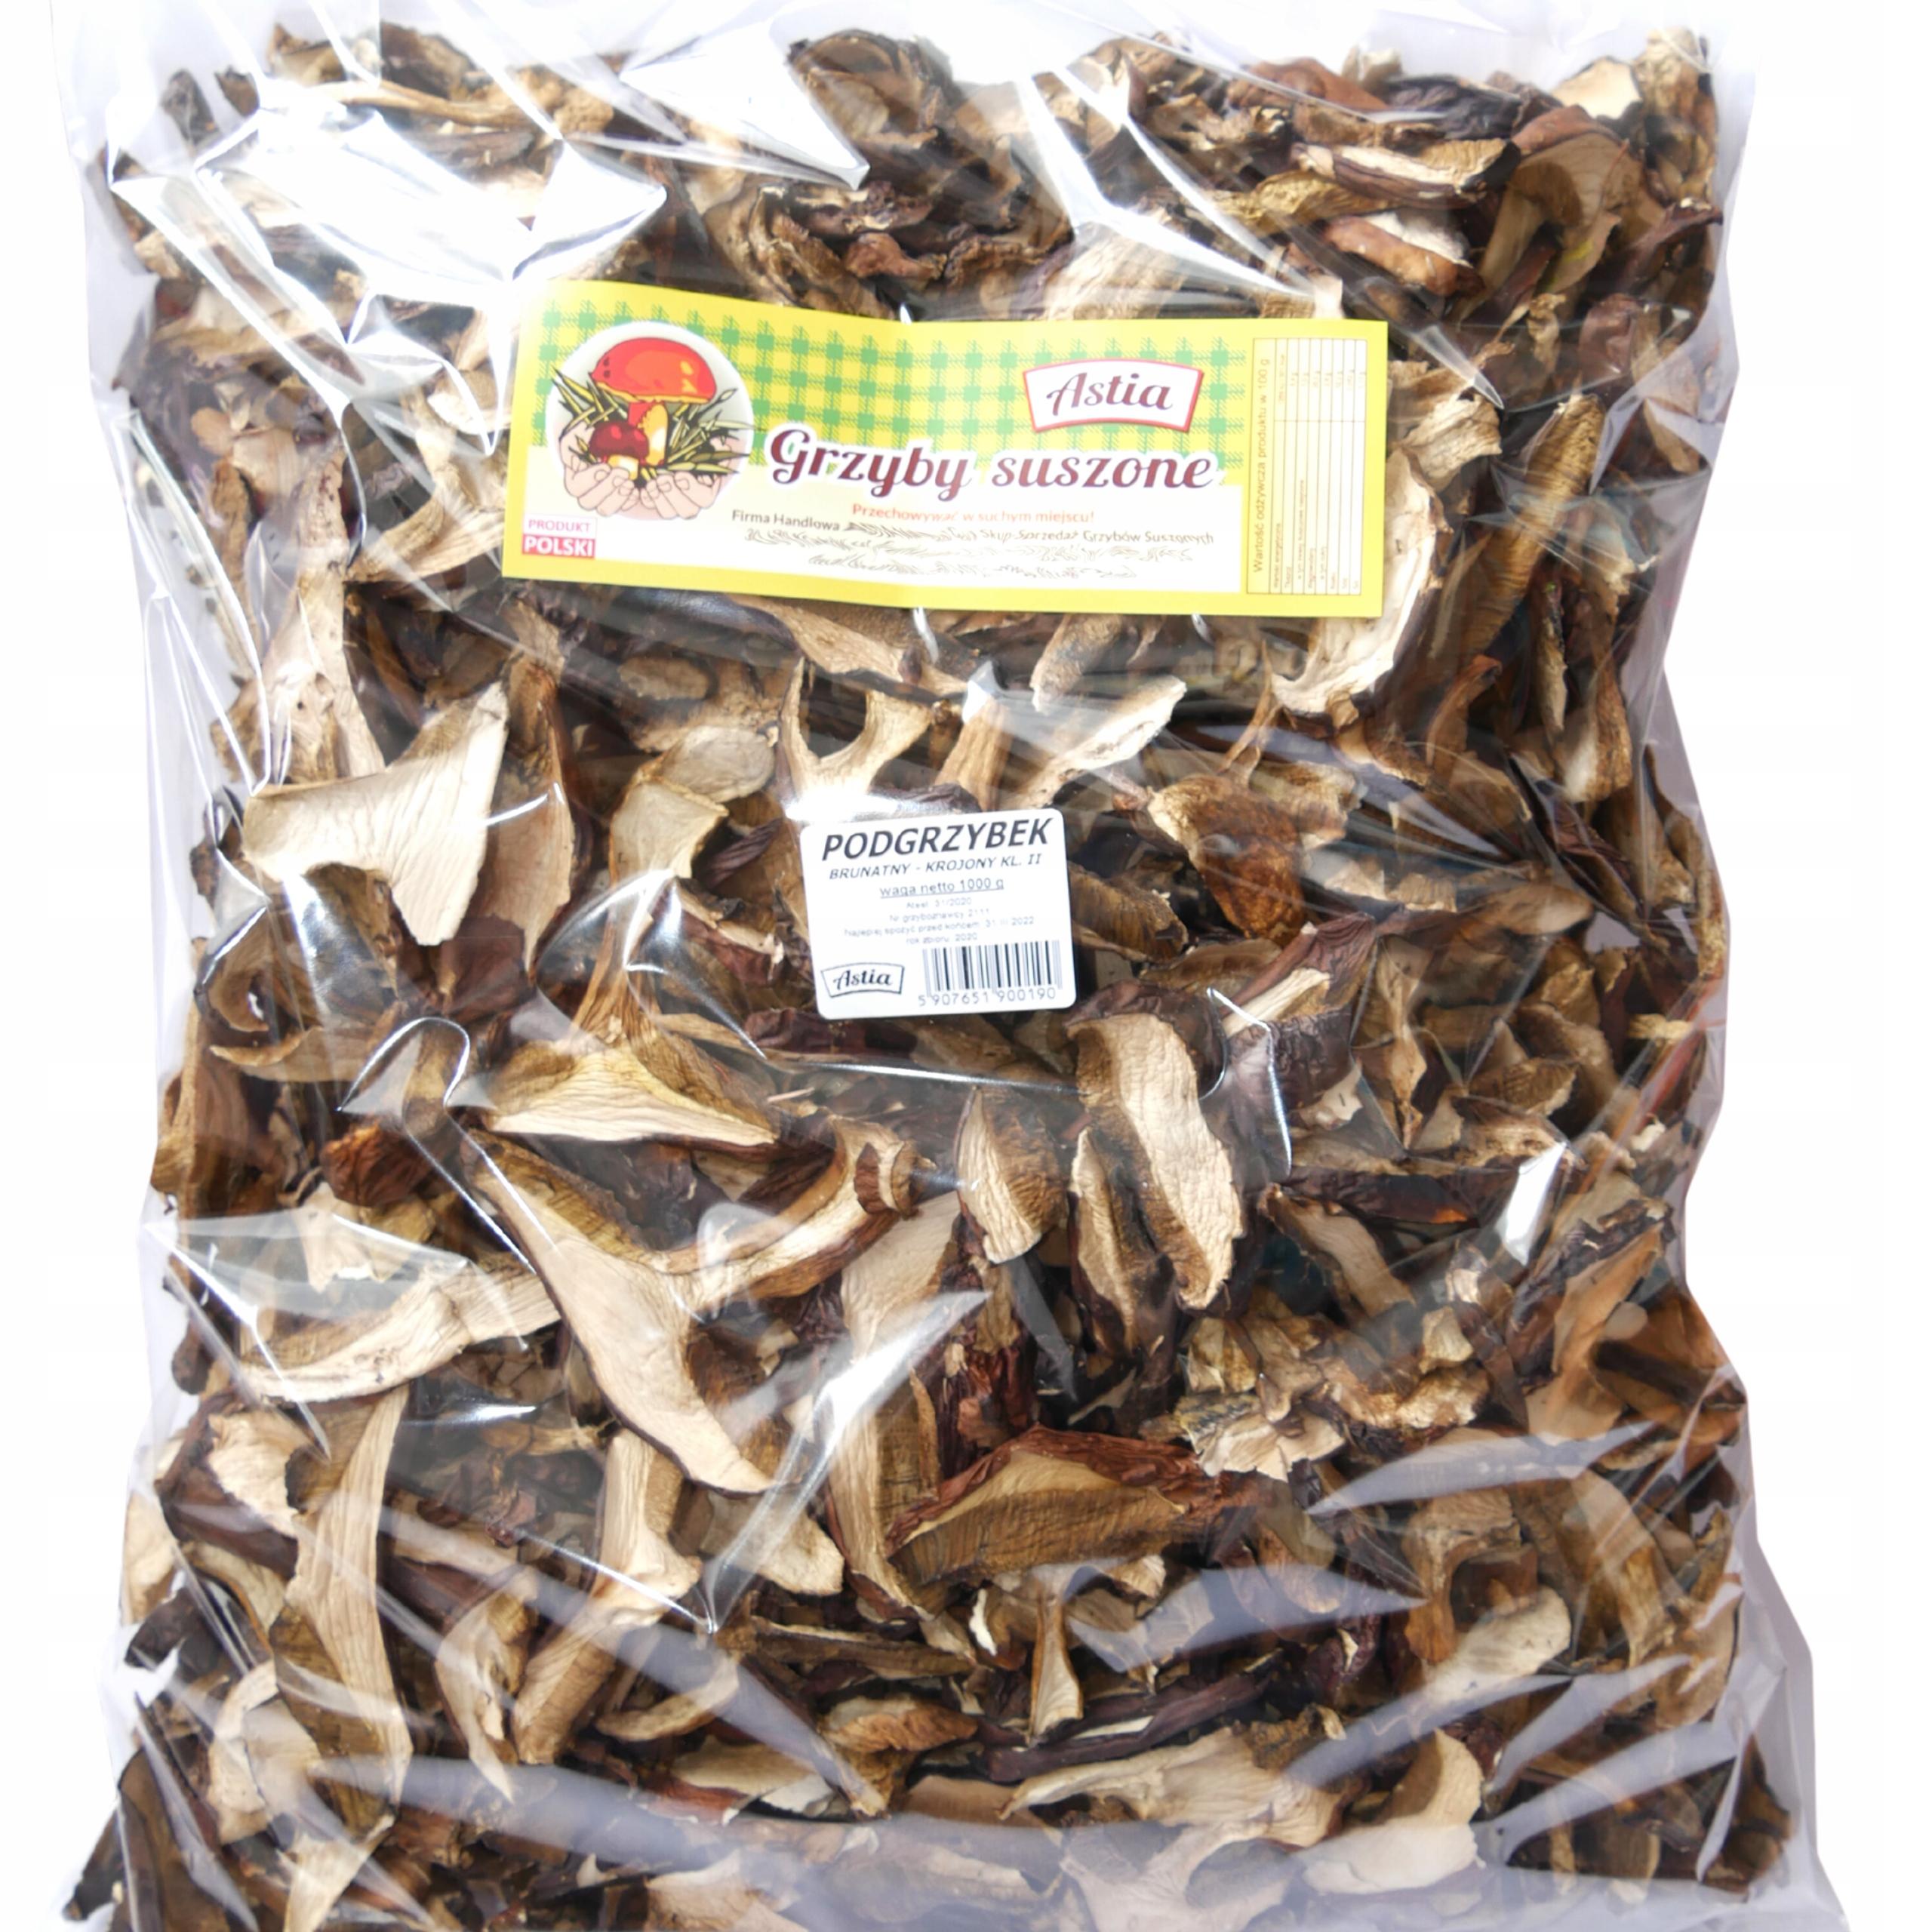 Грибы сушеные польский гриб ИЗ ПОЛЬСКИХ ЛЕСОВ 1 кг